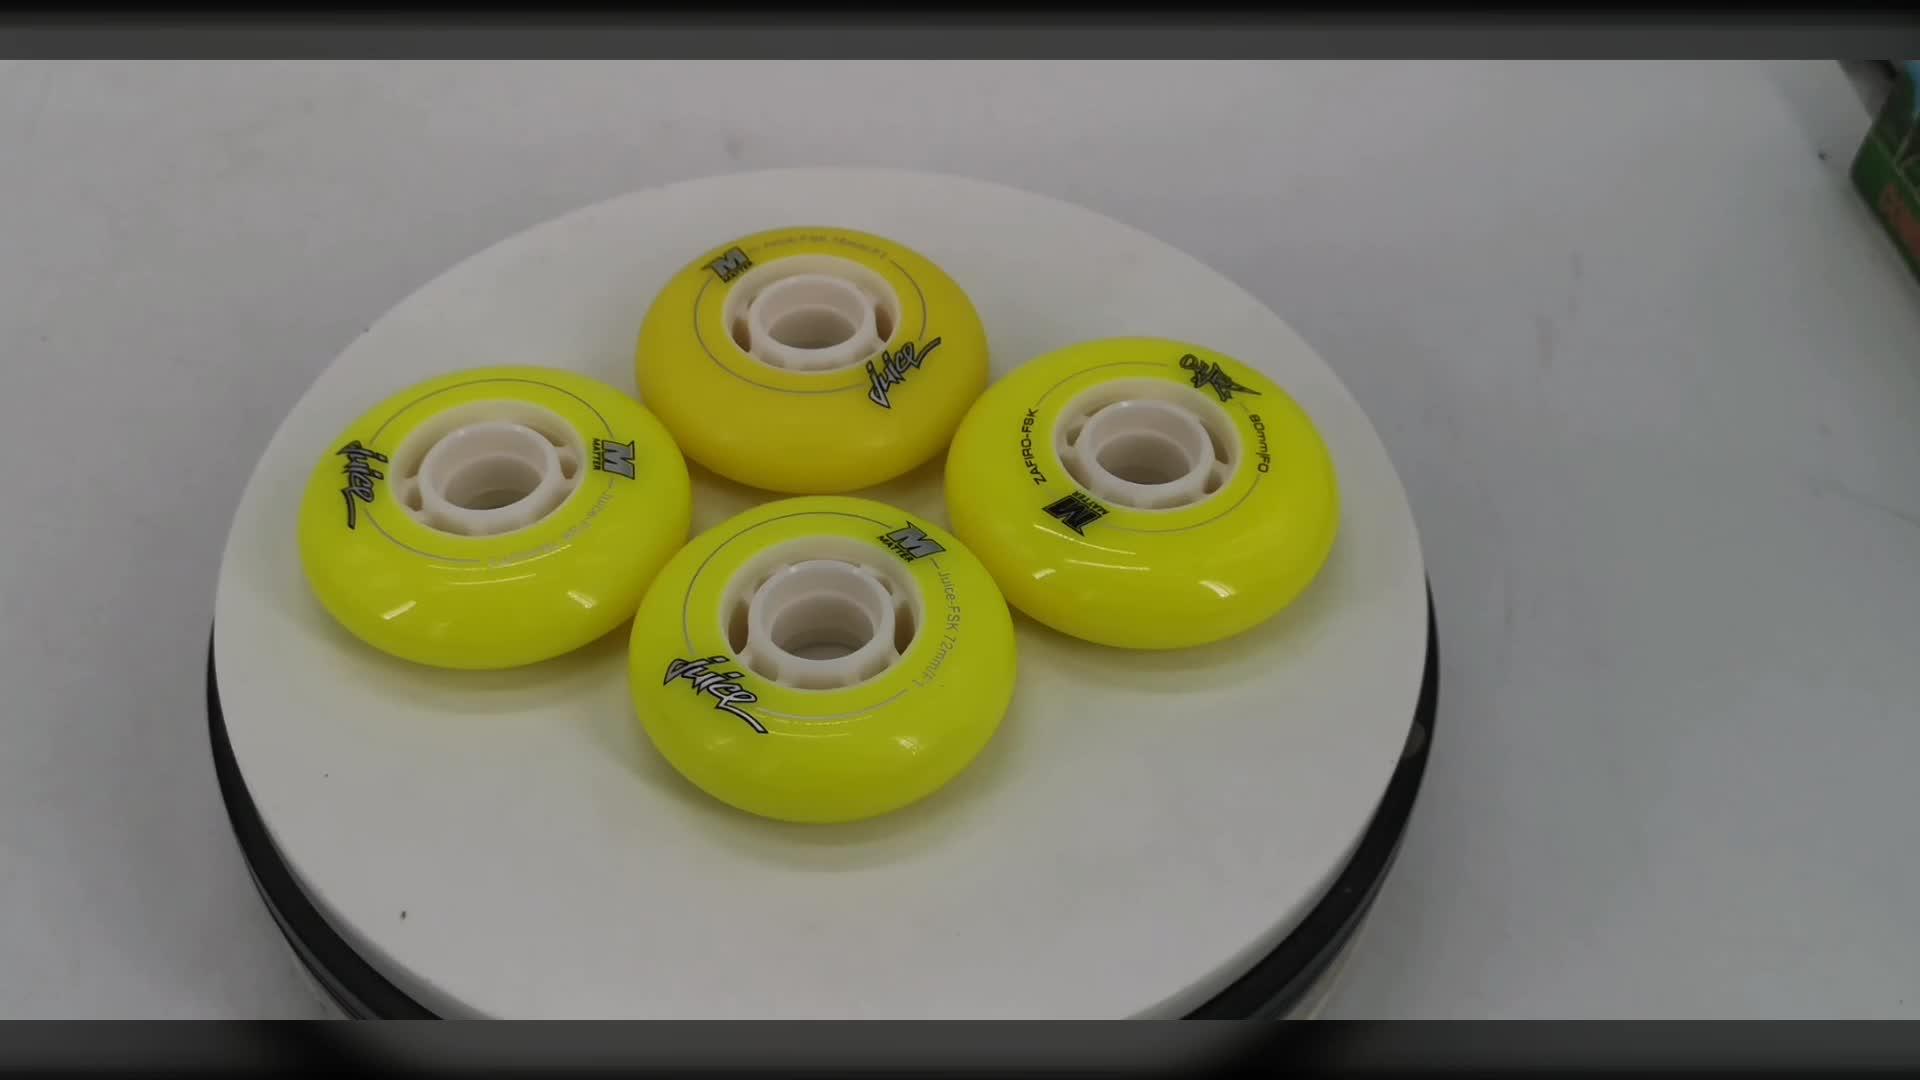 Roda de patinação de velocidade em linha 72mm/76mm/80mm Alta rebote rodas roller skate